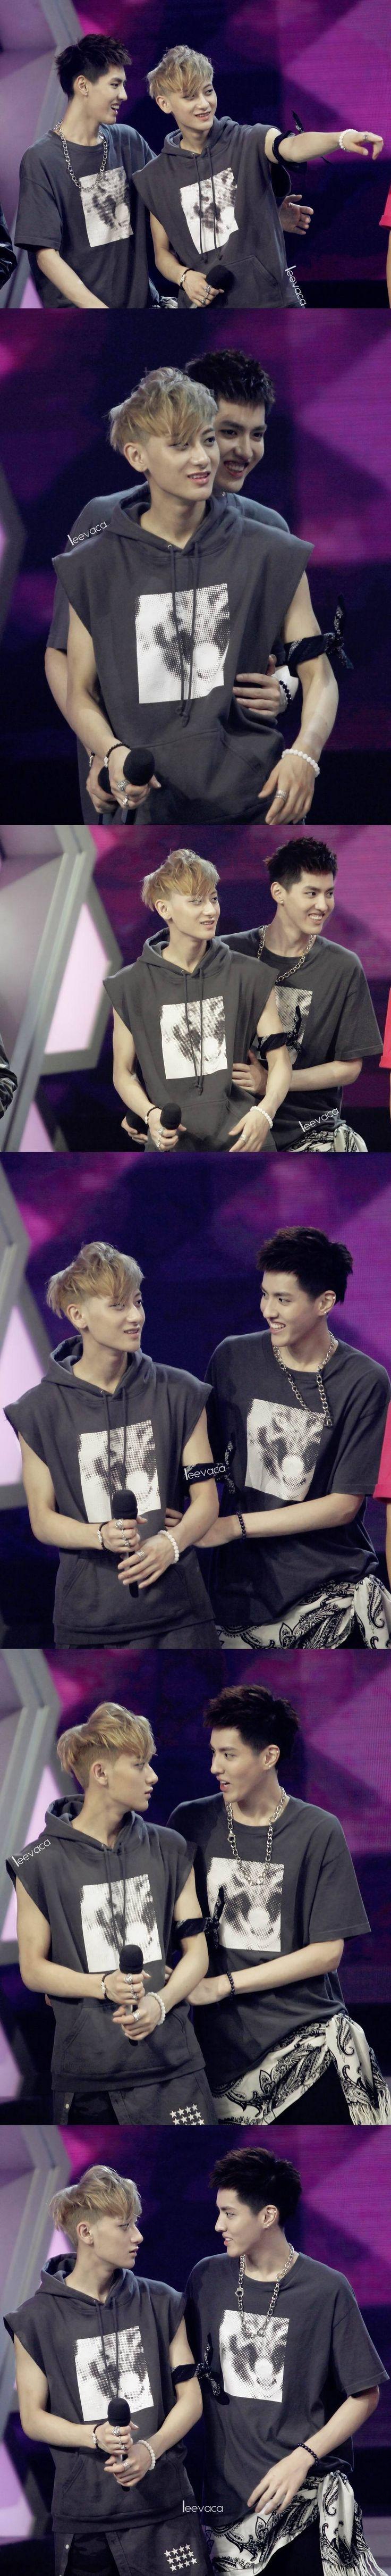 Taoris - On the last pics it looks like Tao wants to kiss Kris~ c: